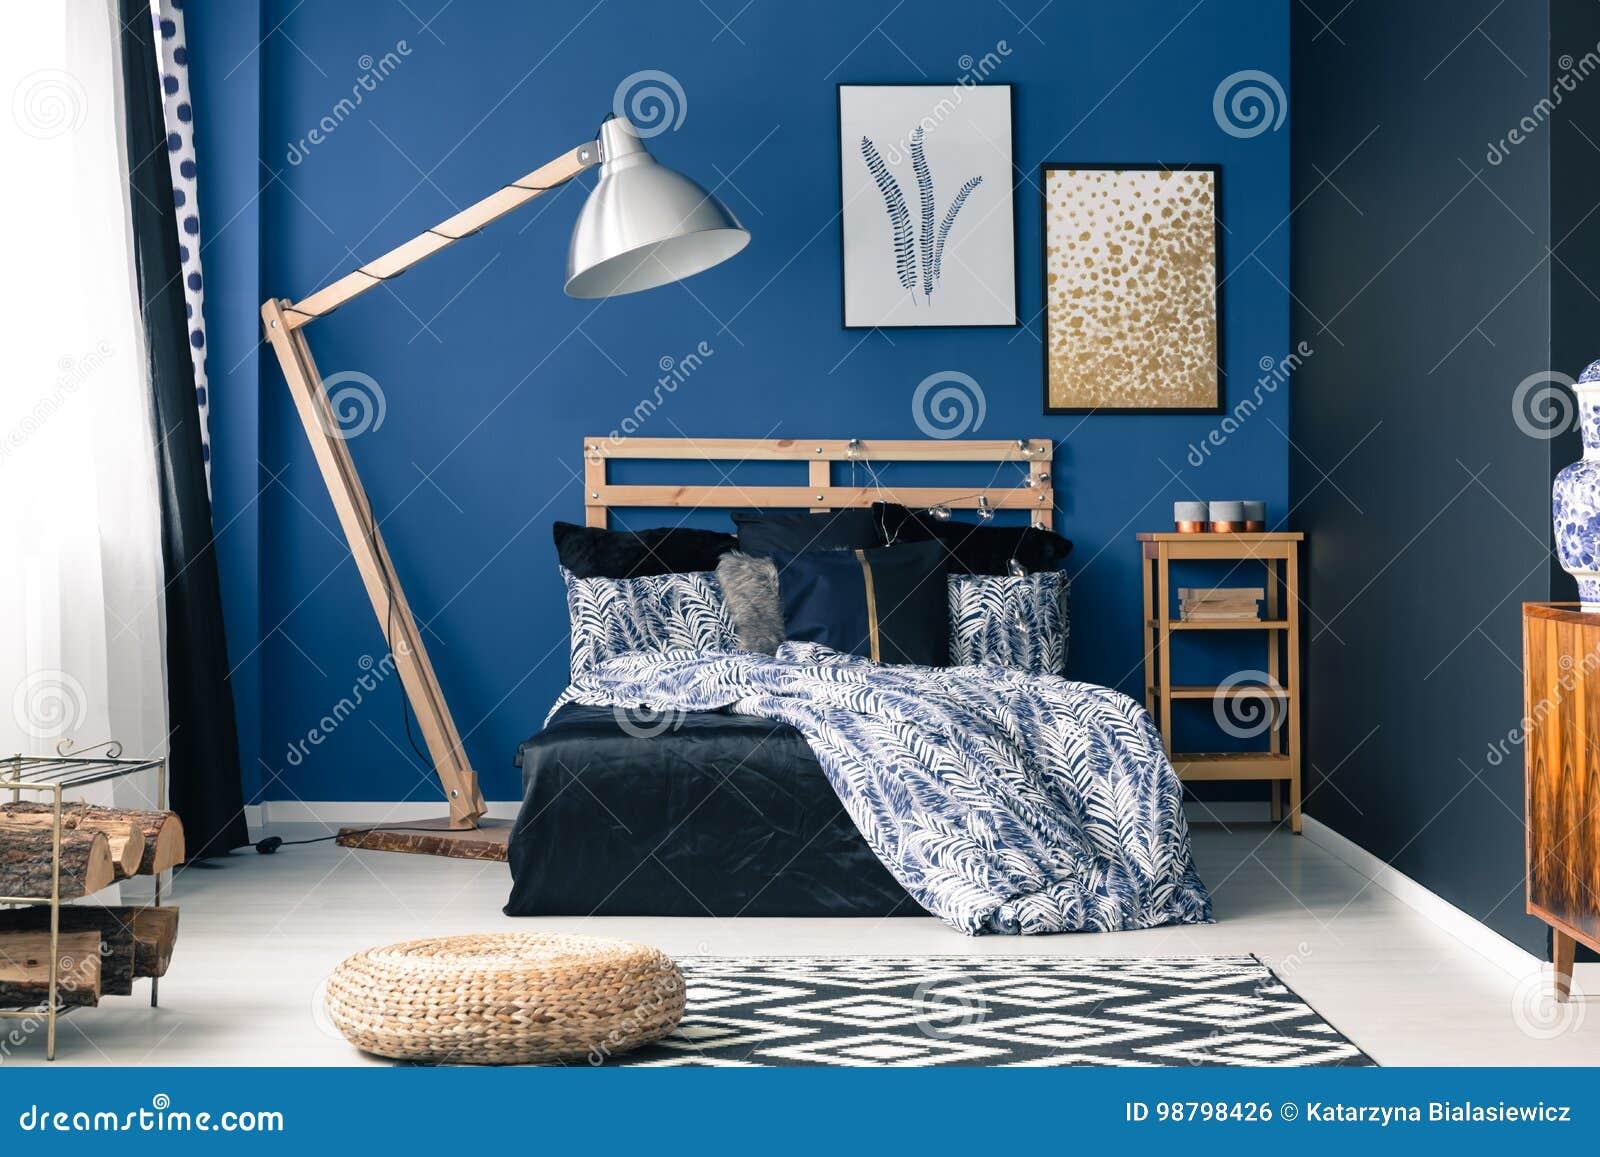 Chambre à Coucher Dans La Couleur Bleue Riche Photo stock - Image du ...